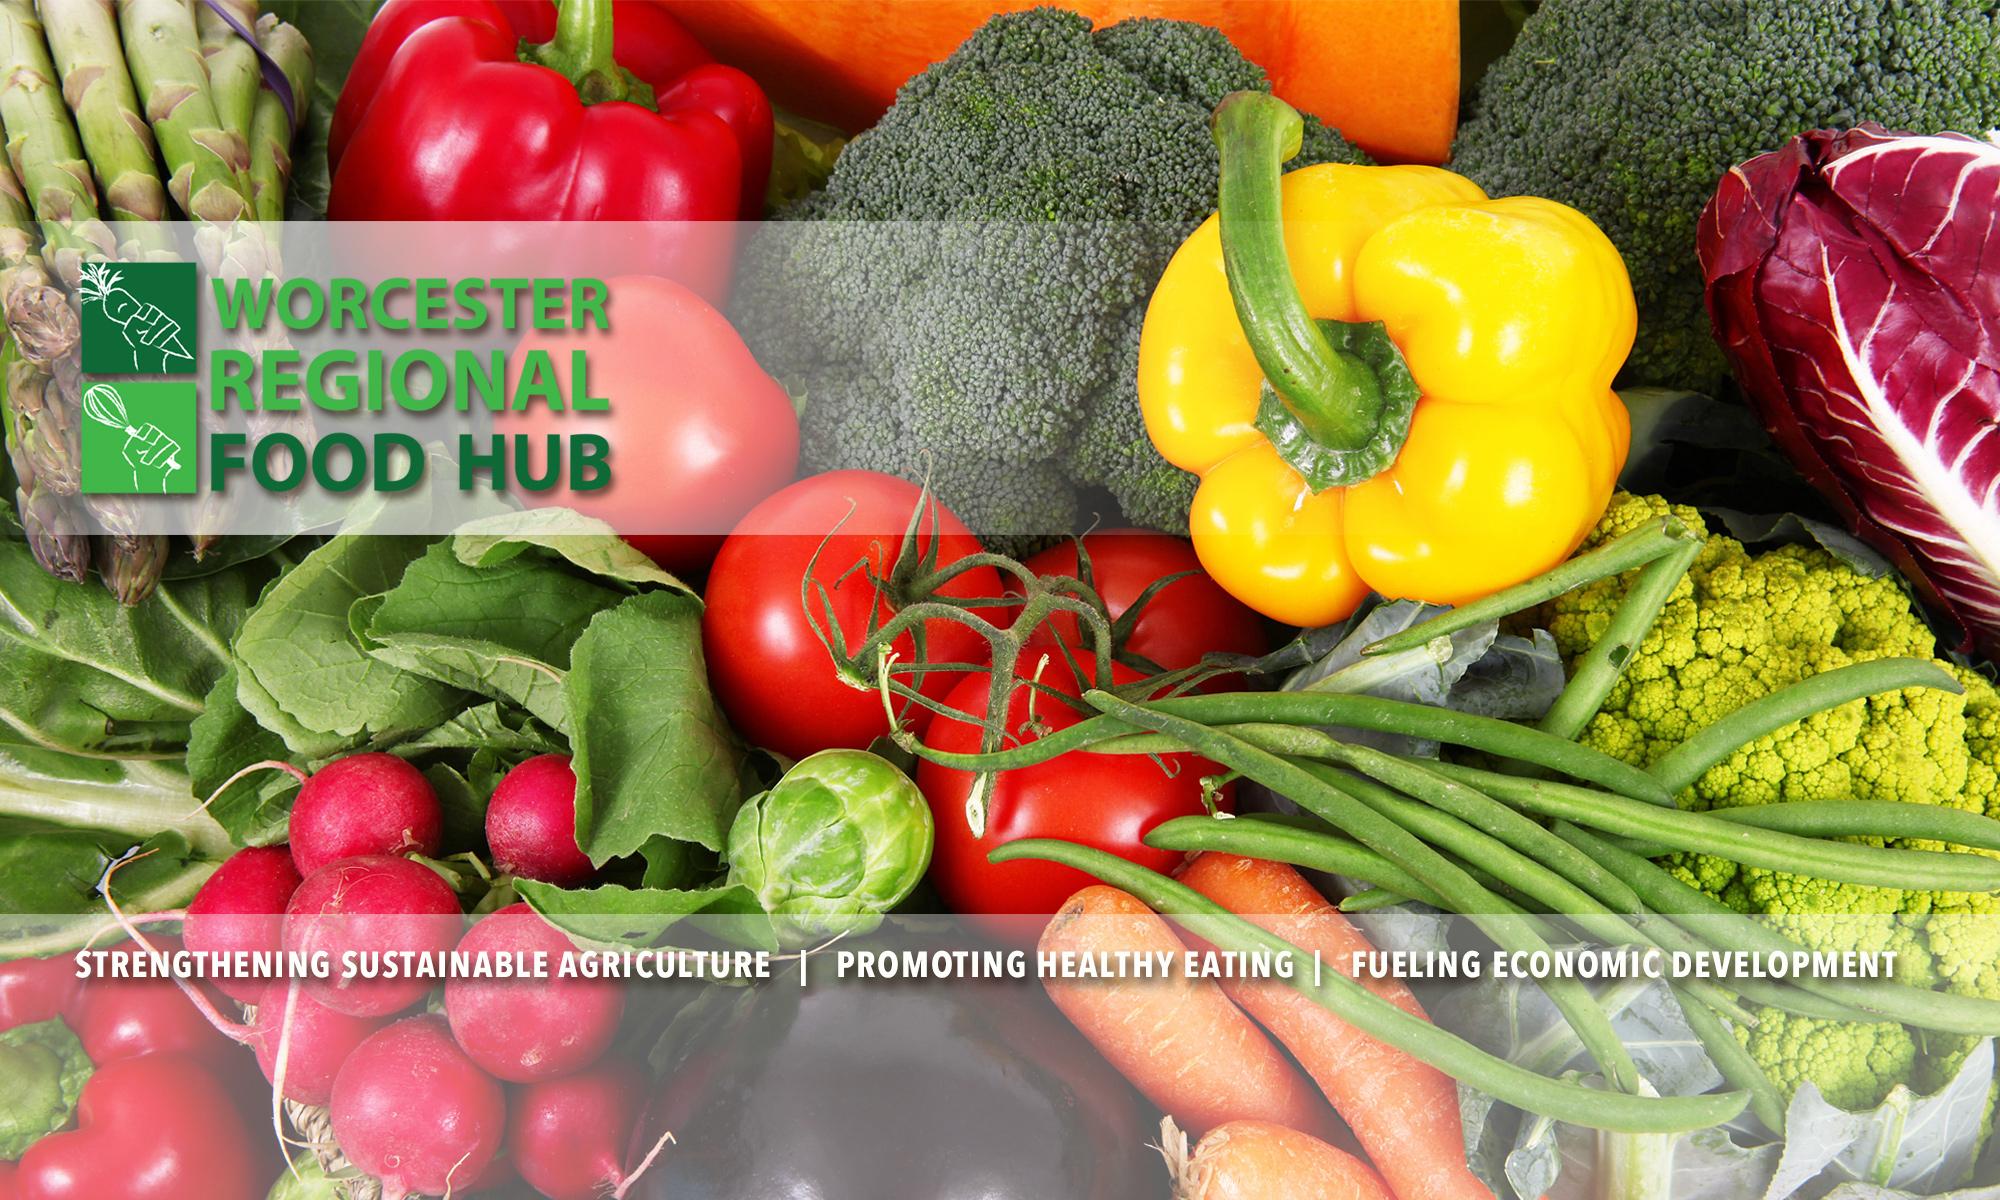 Worcester Regional Food Hub